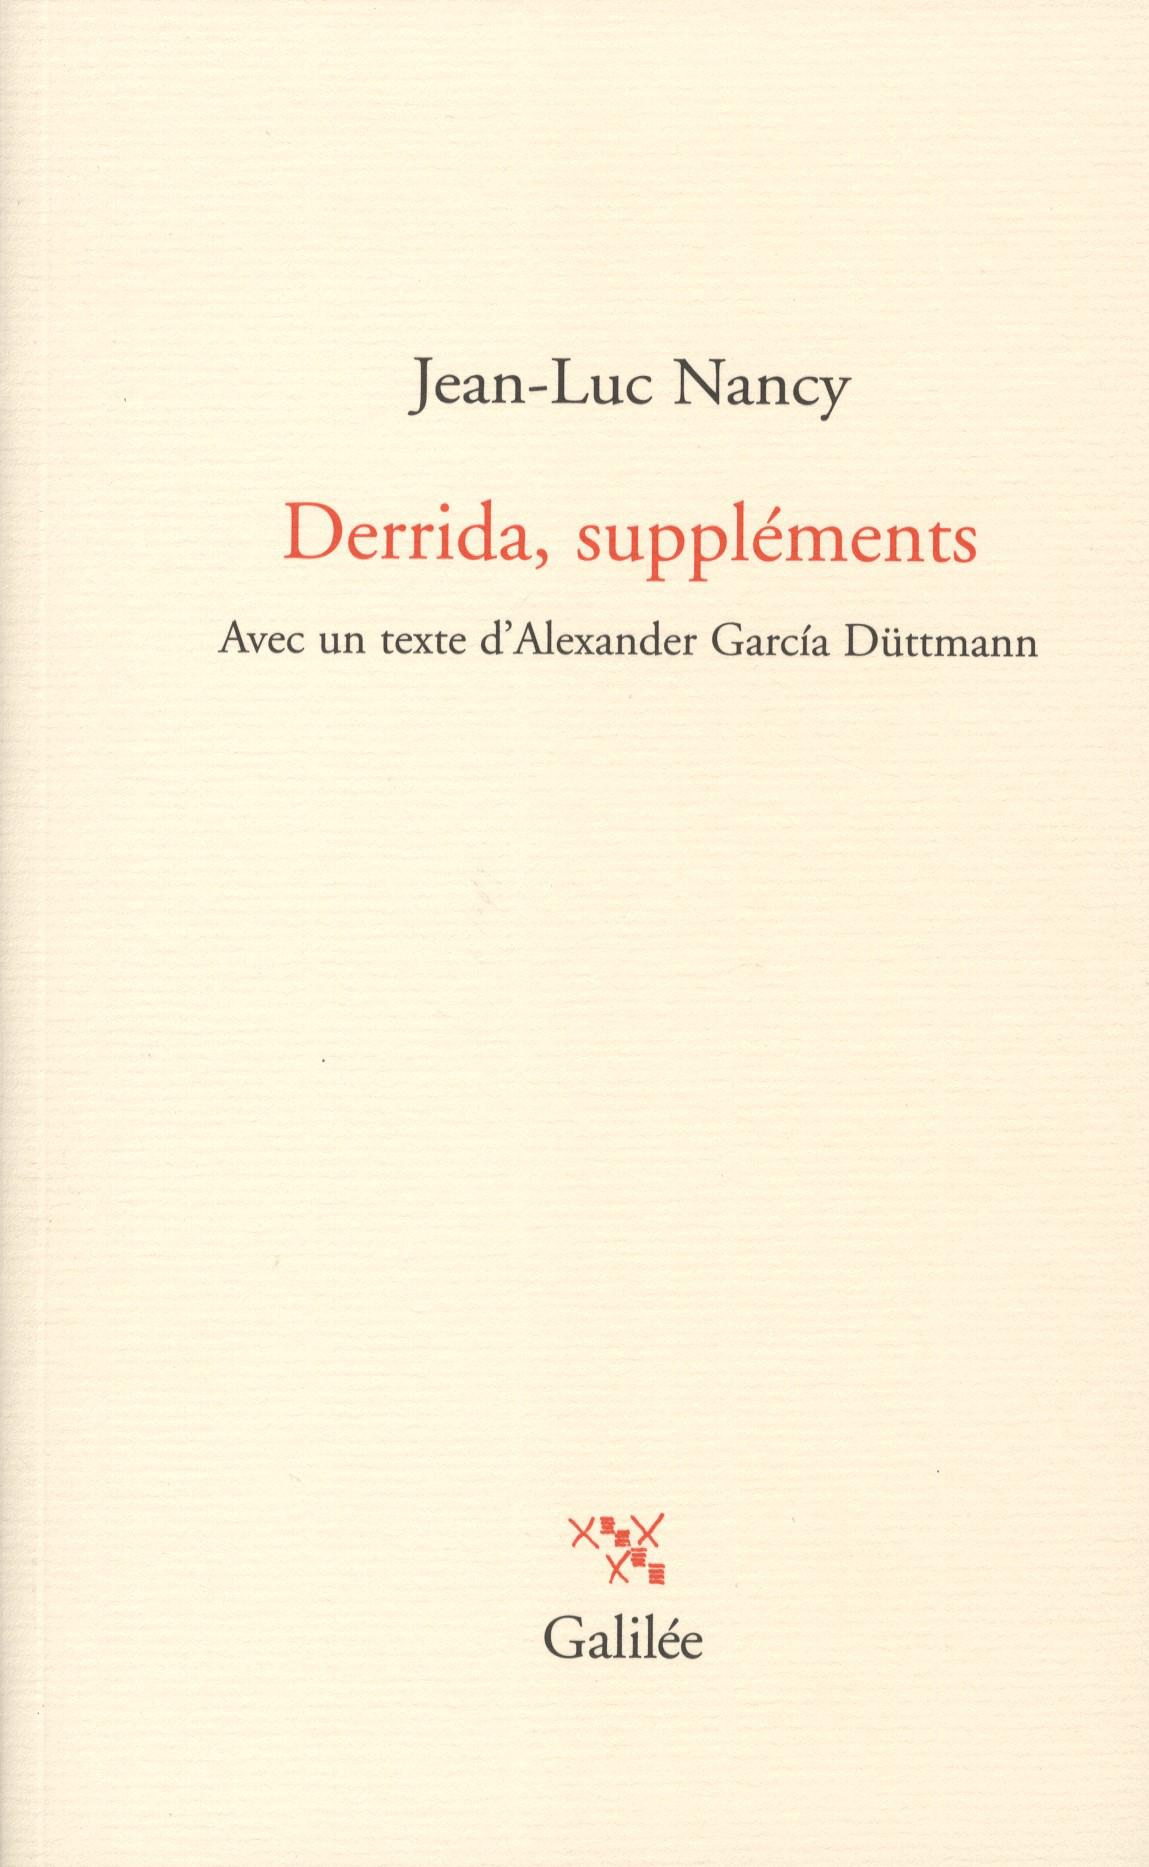 J.-L. Nancy, Derrida, suppléments